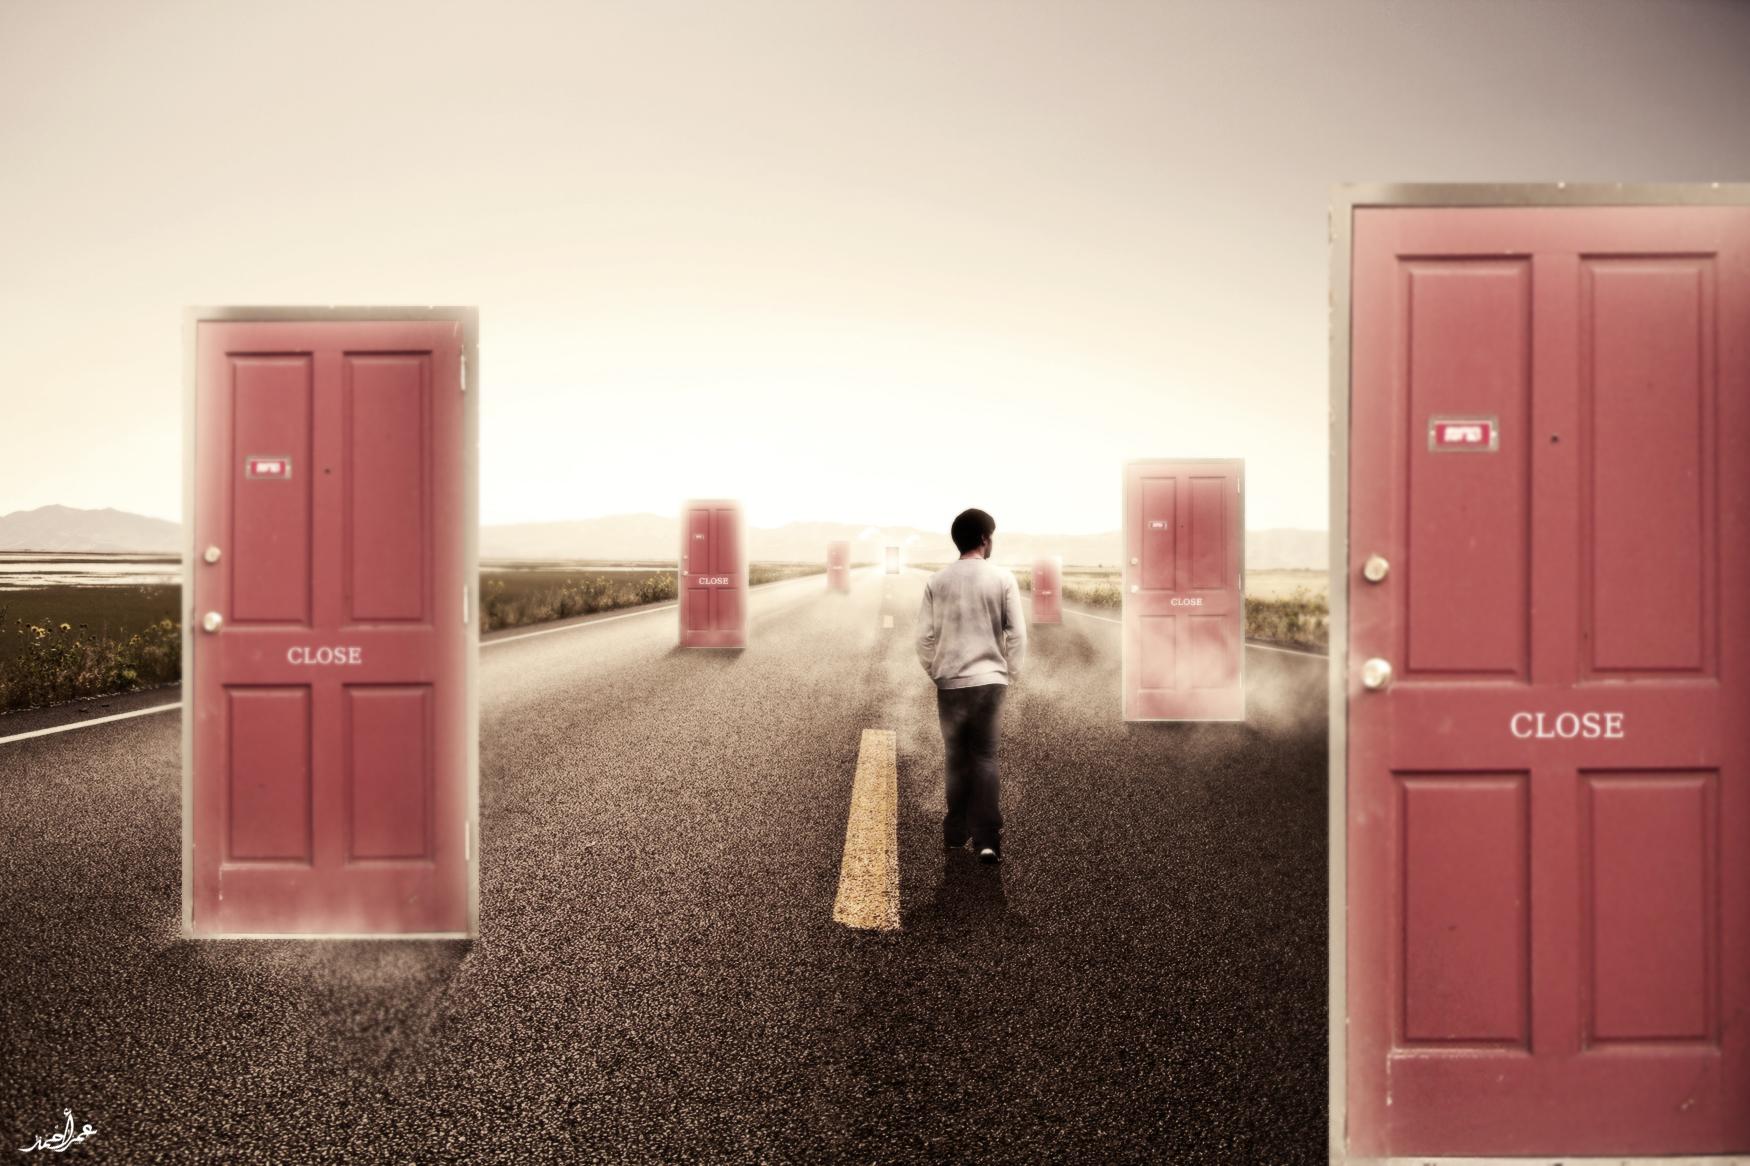 If all doors closed door of repentance not close by for Door not closing